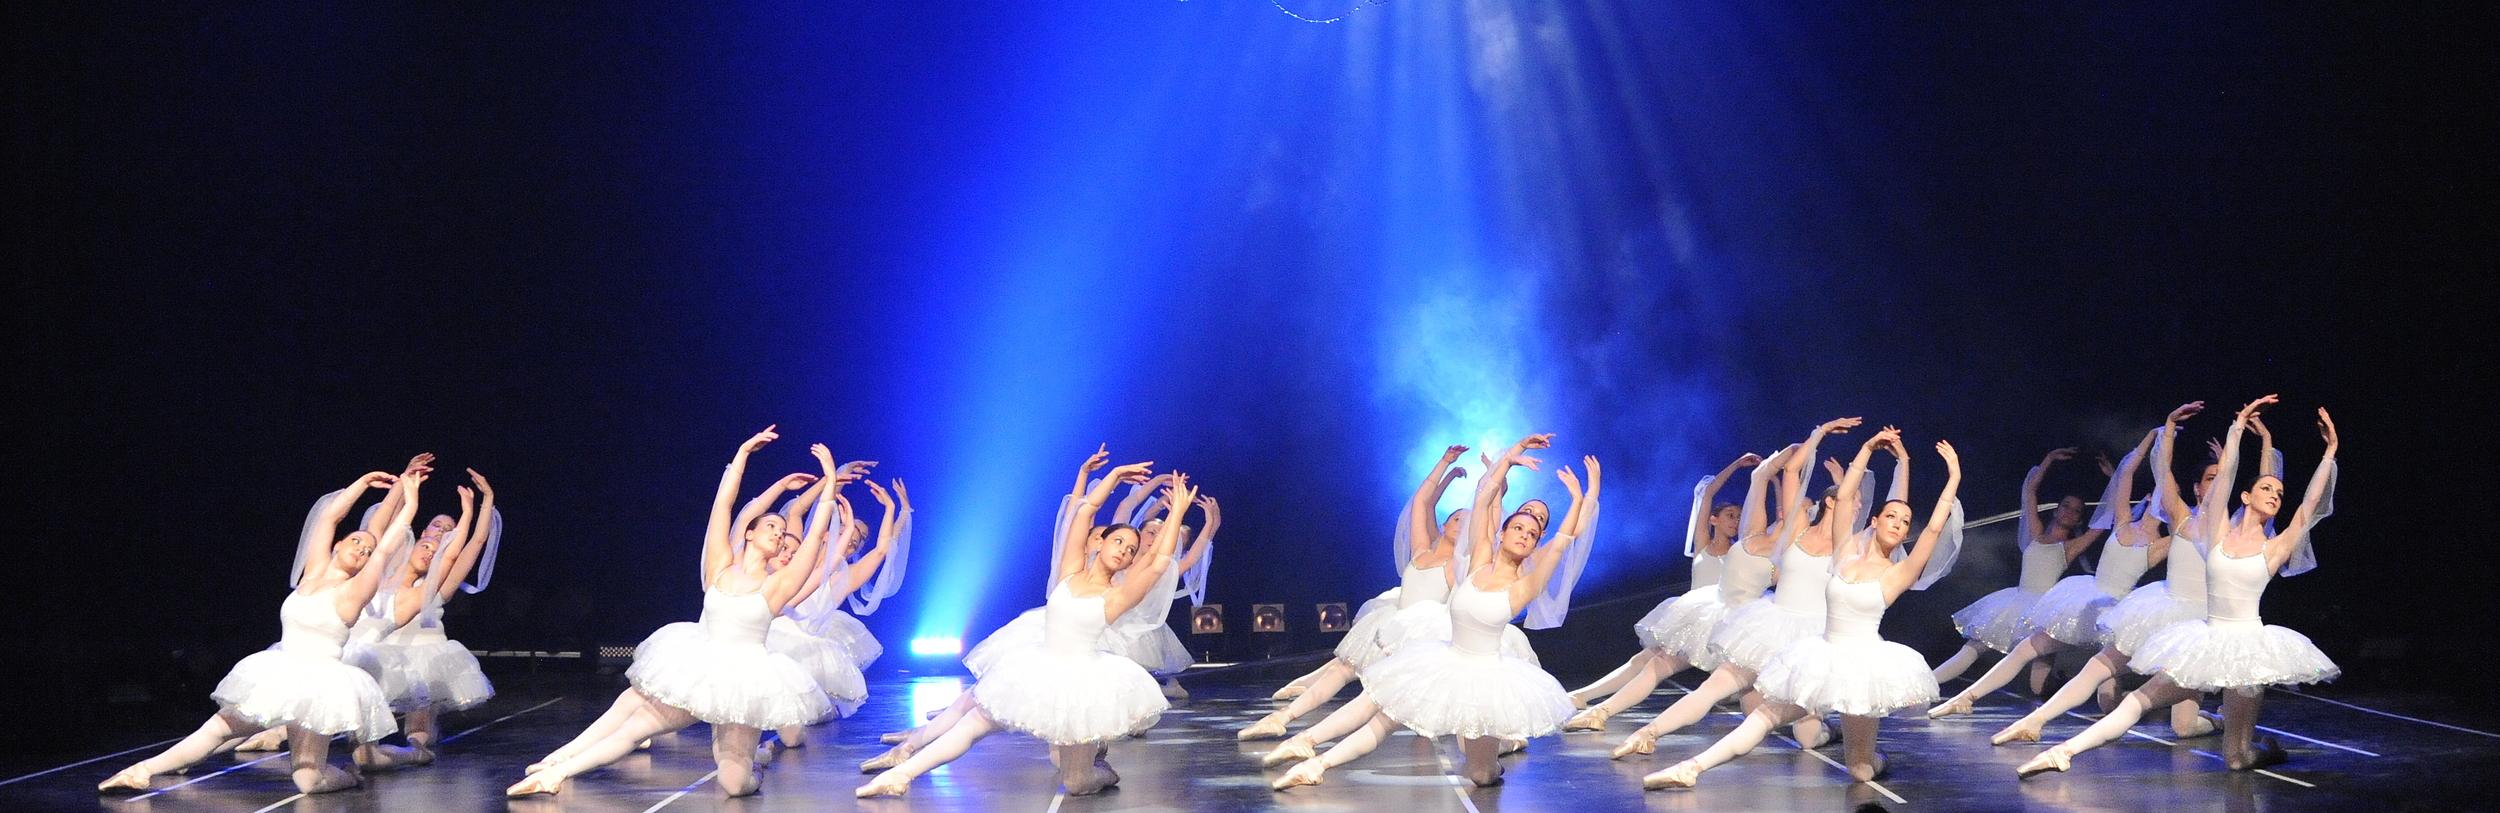 Photo d'ouverture site.JPG